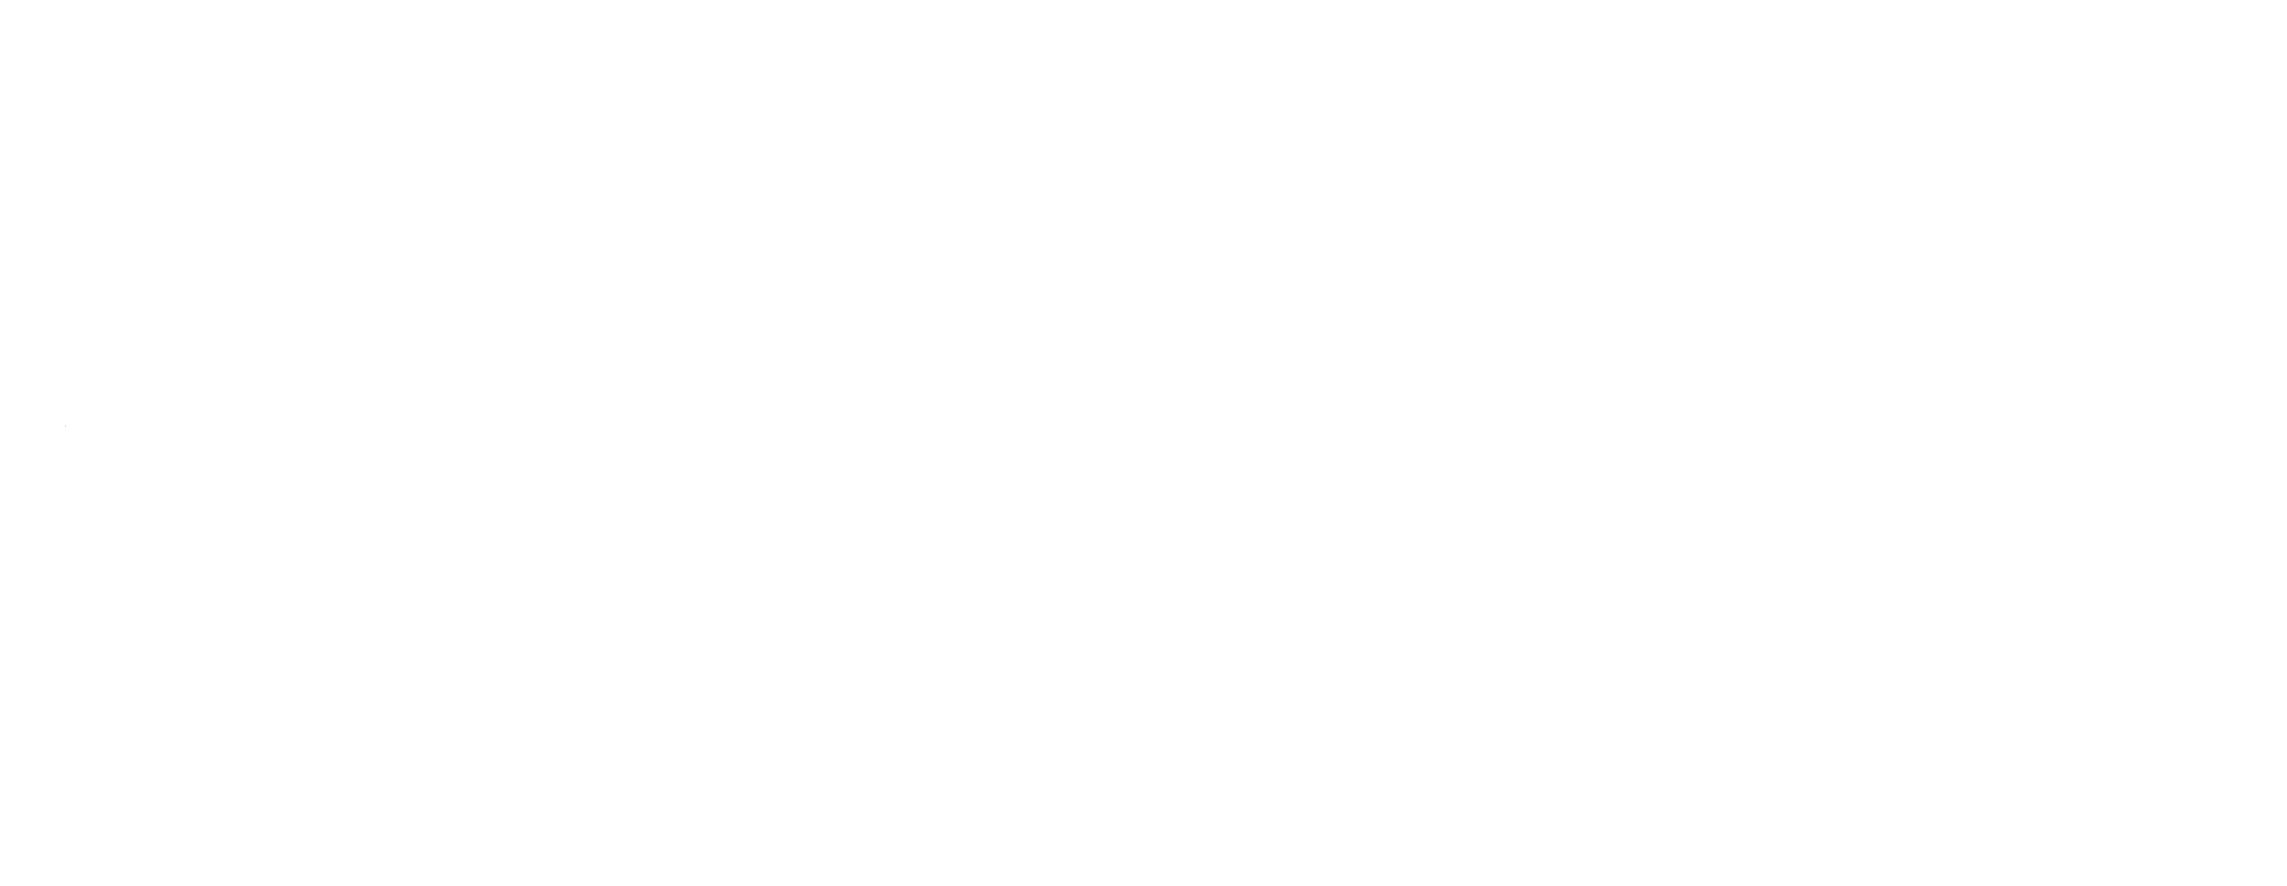 the logo of Draper Hero Institute all in white color